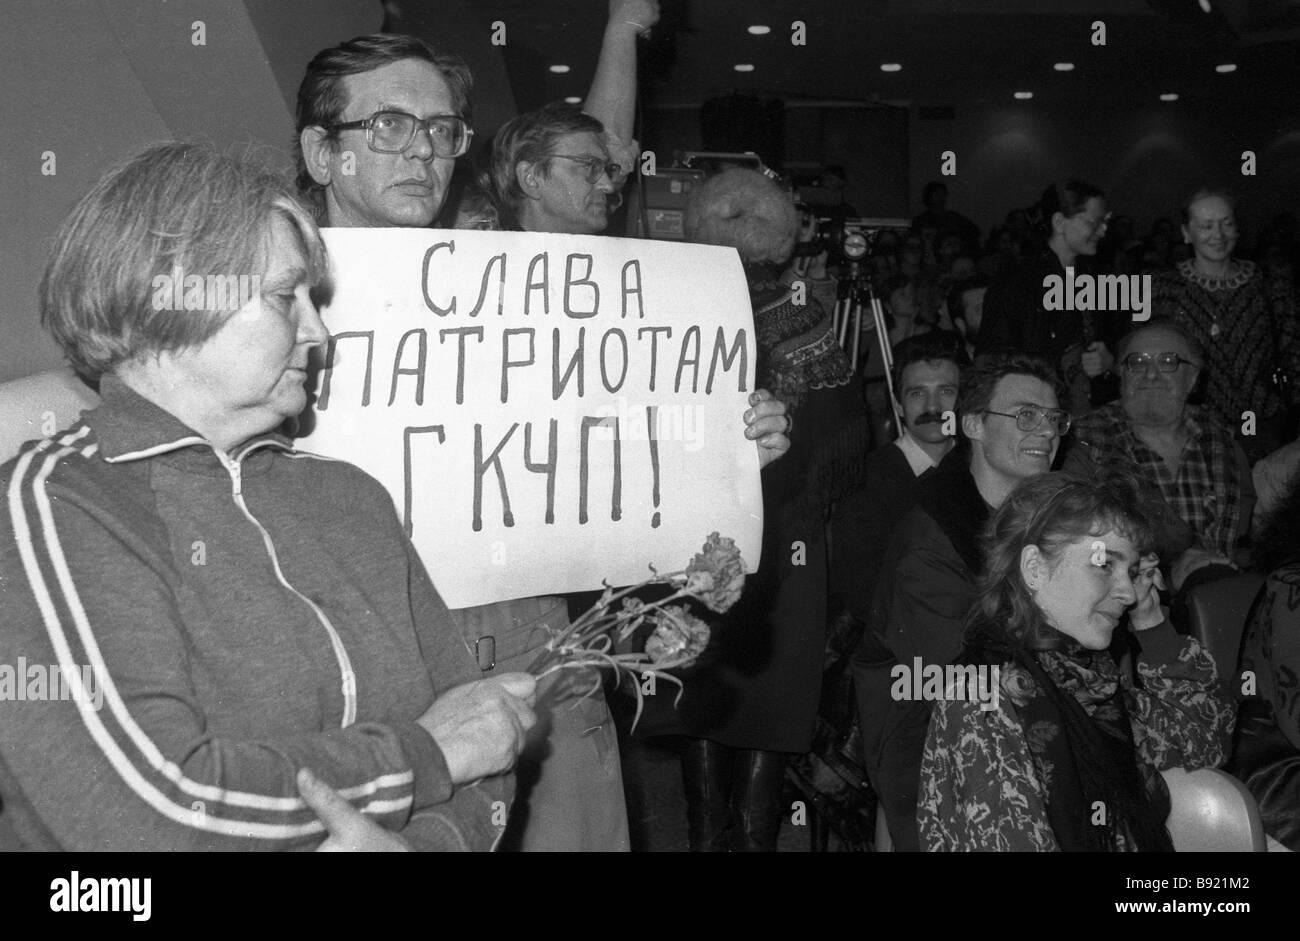 Teilnehmer in eine Poesie Soiree gewidmet Anatoly Lukyanov der ehemalige Vorsitzende des Obersten Sowjet der UdSSR Stockbild